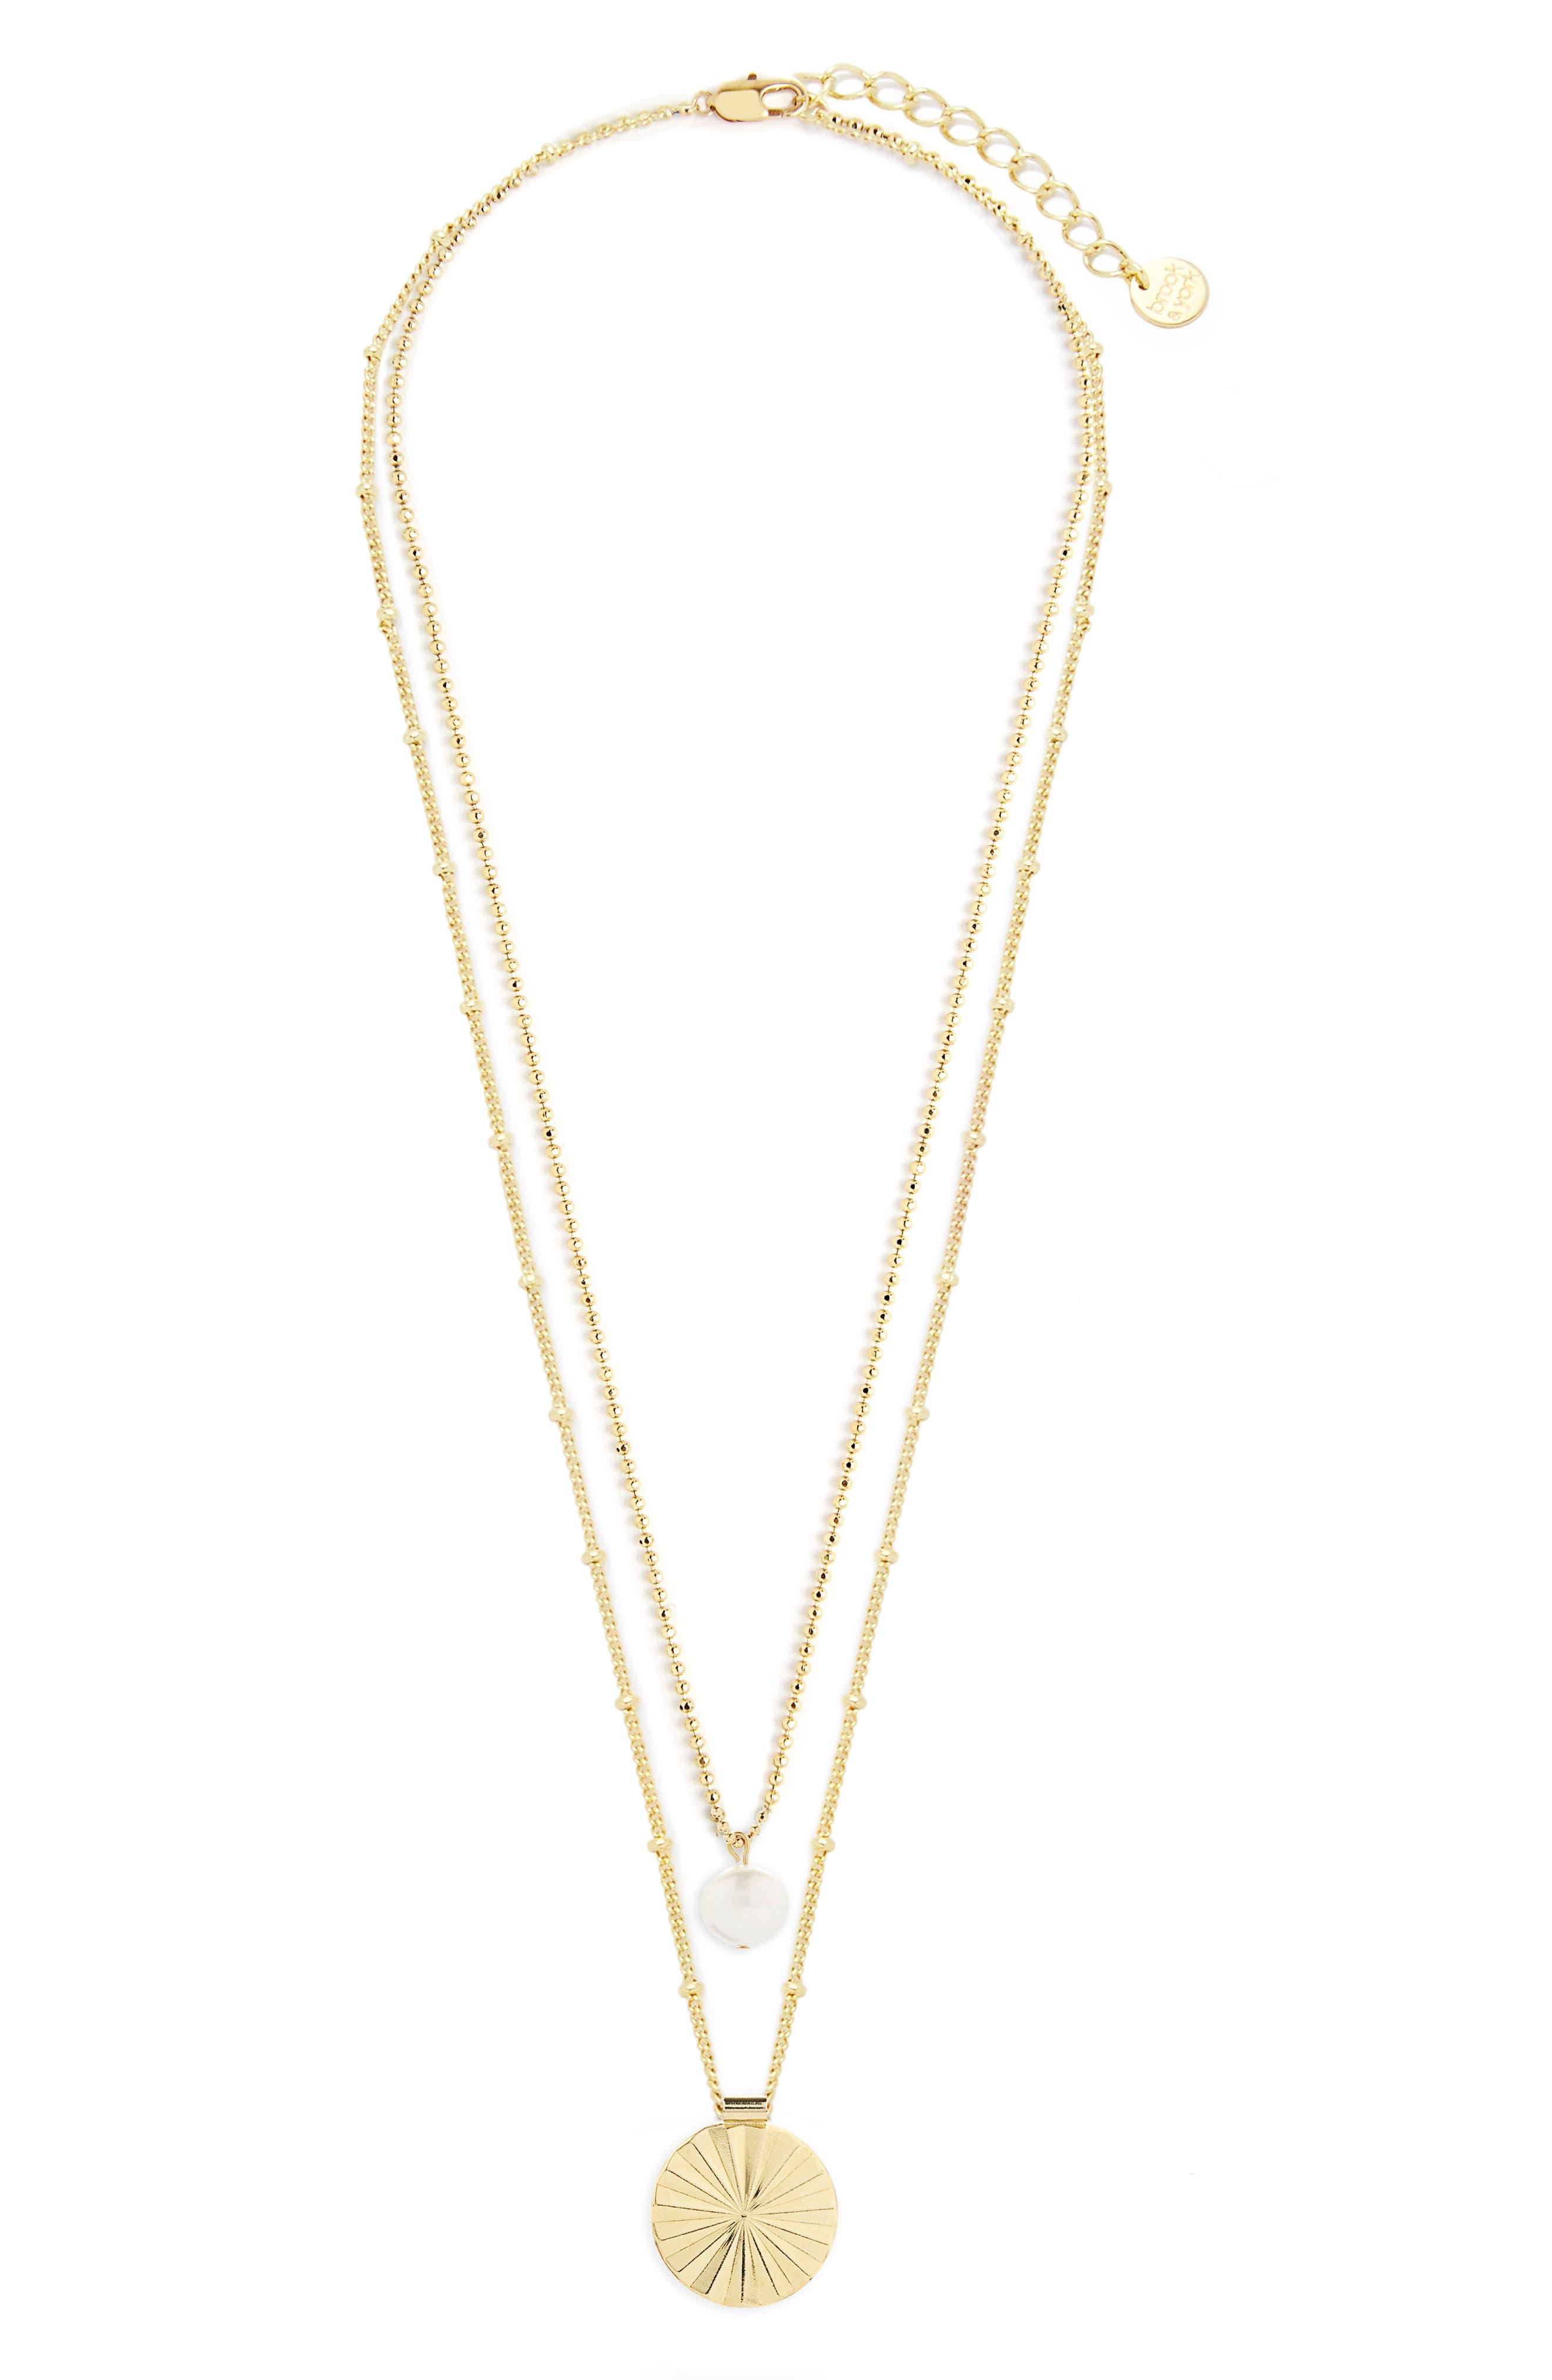 Celeste Pearl & Sunburst Pendant Layering Necklace